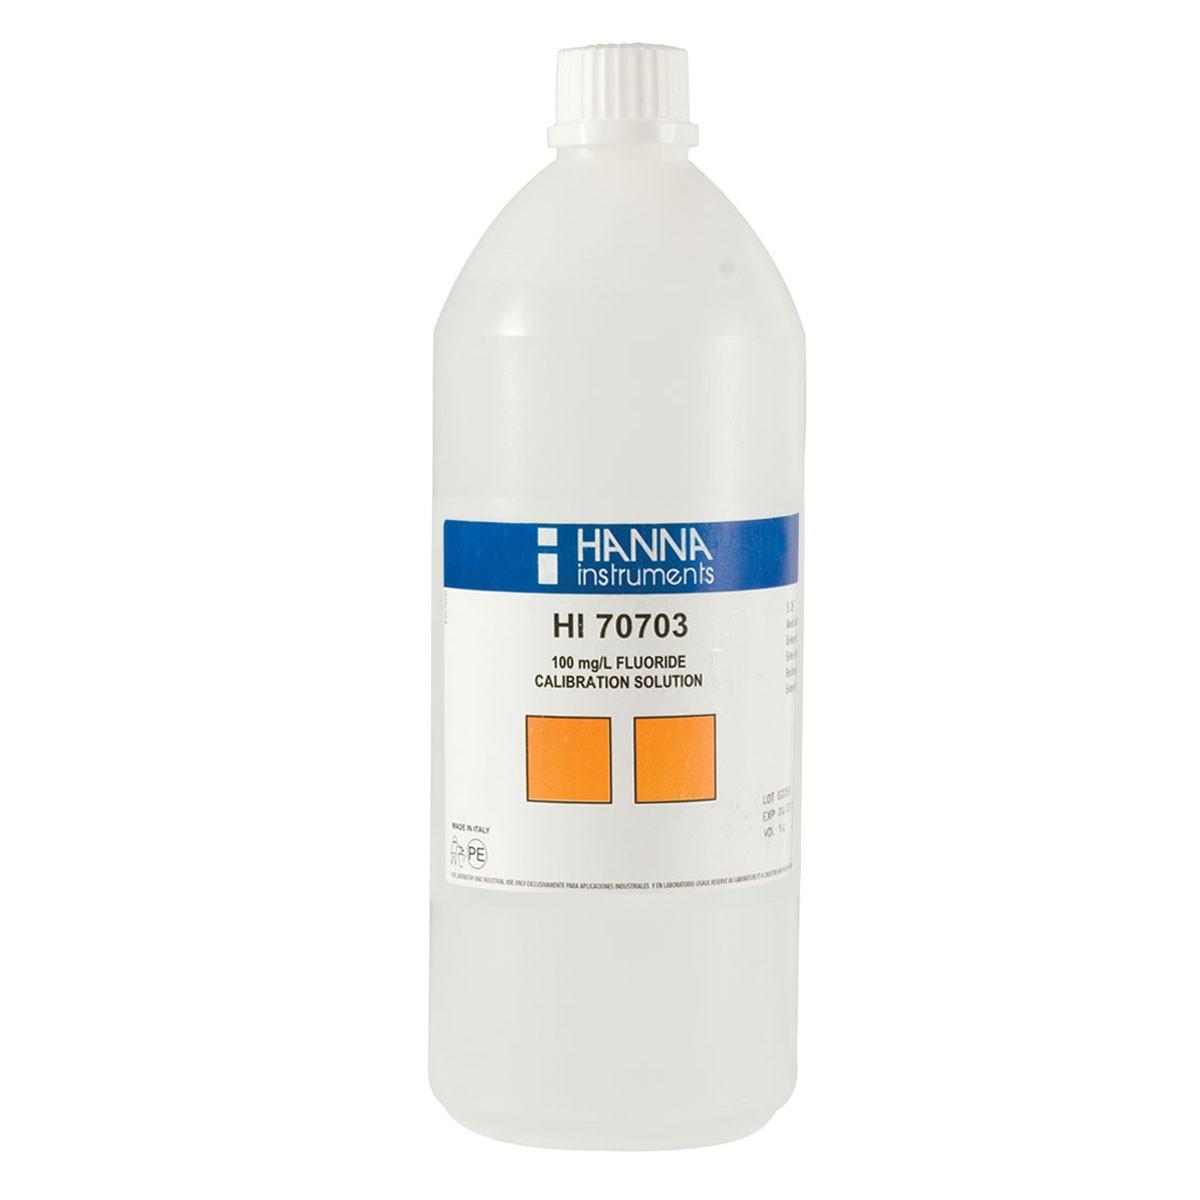 Soluție standard  Fluoruri 100 mg/L (500 mL) - HI70703L